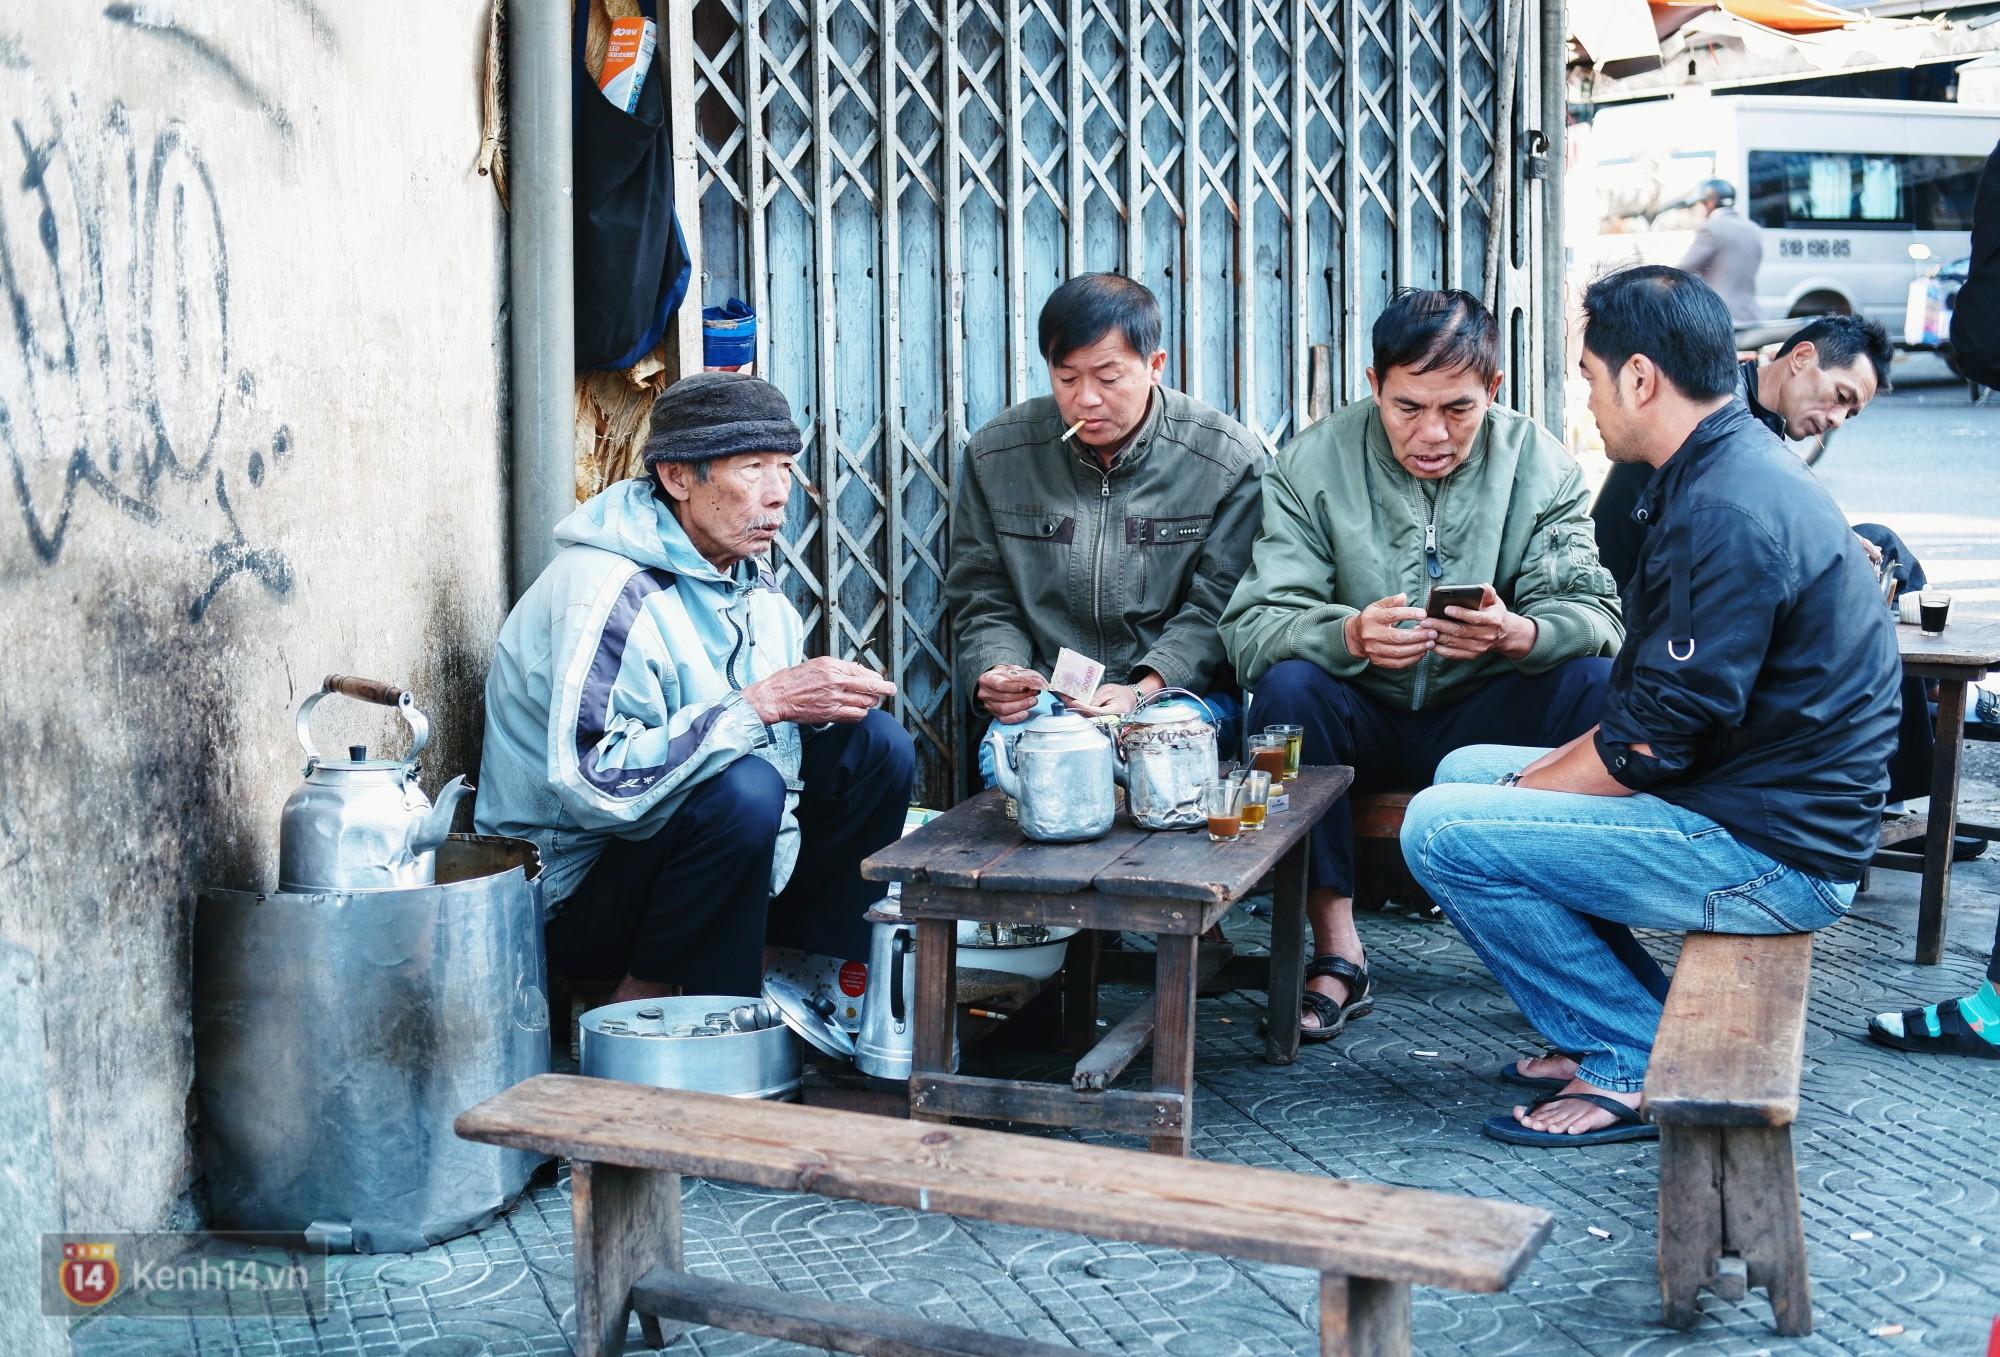 Quán cà phê vợt độc nhất vô nhị ở Đà Lạt, 30 năm chỉ bán từ 4 giờ sáng đến hơn 7 giờ sáng mỗi ngày - Ảnh 1.